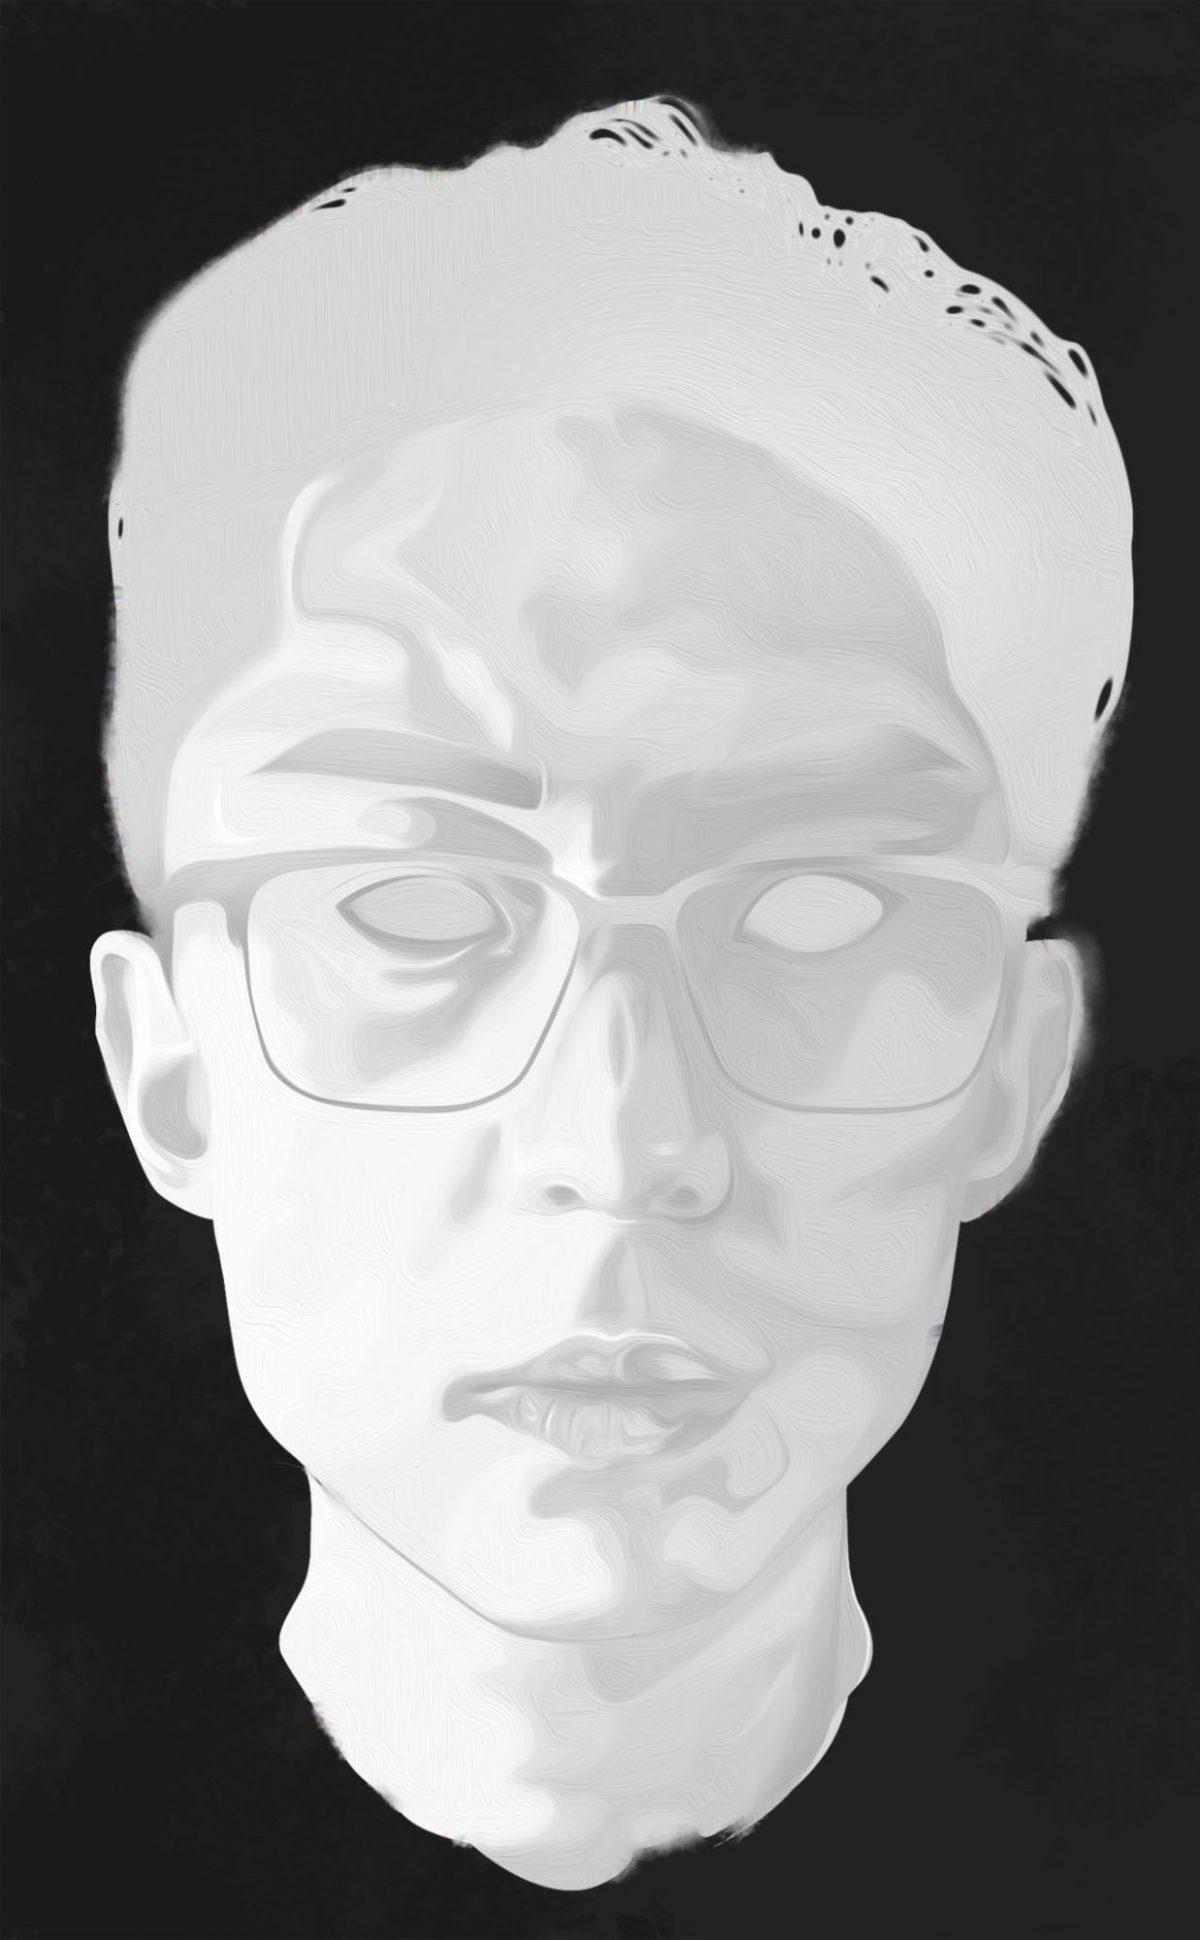 selfie ERIC KIM statue